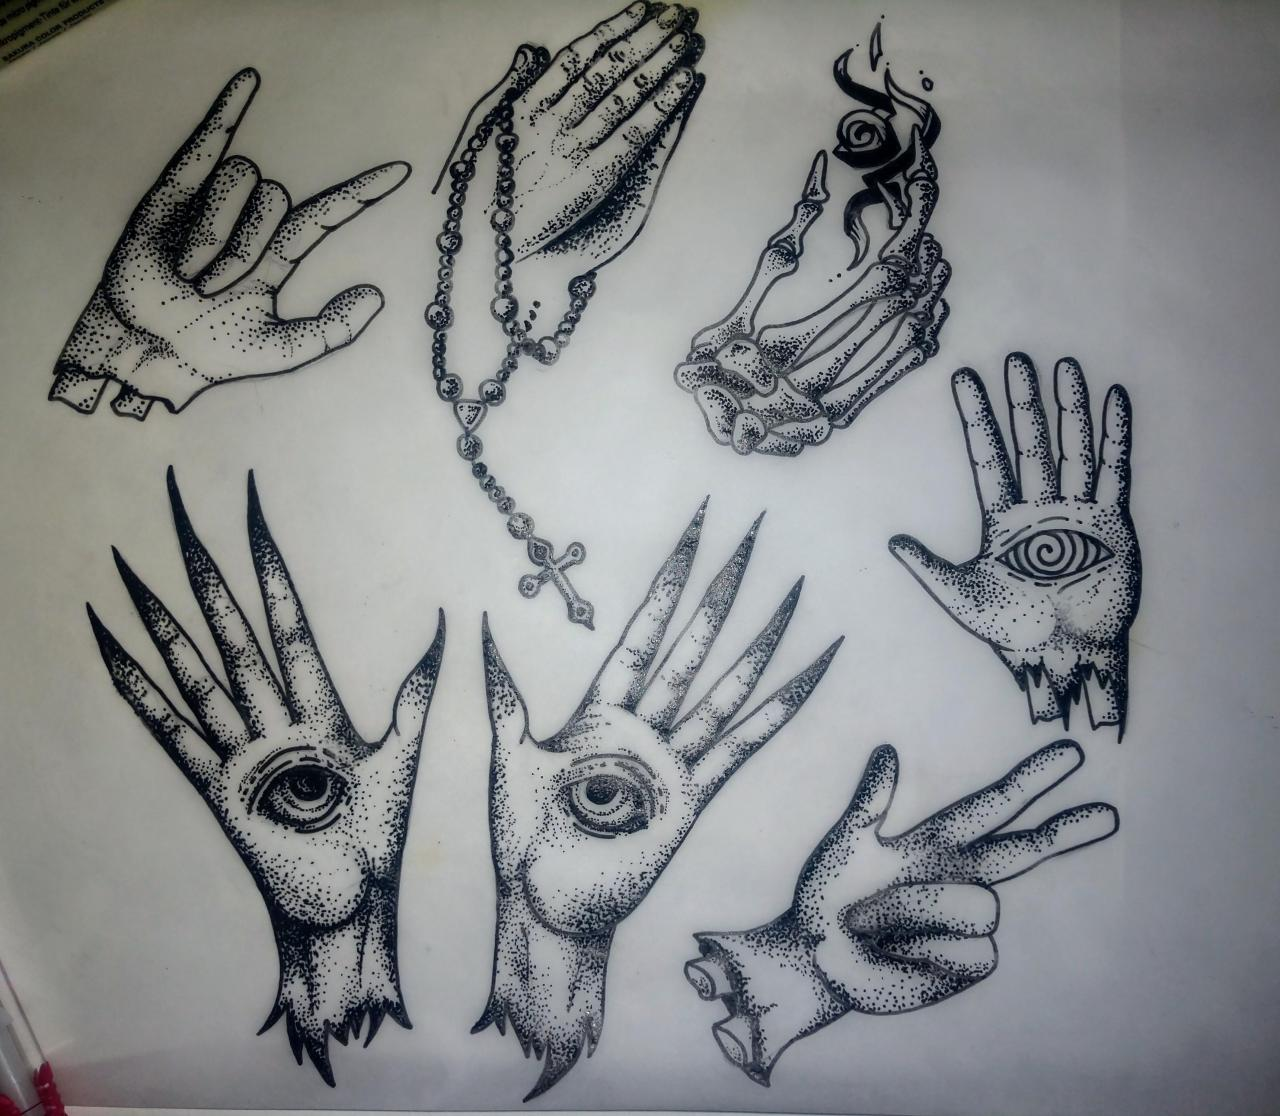 Aspiring tattoo artist building a portfolio. Any criticism welcome